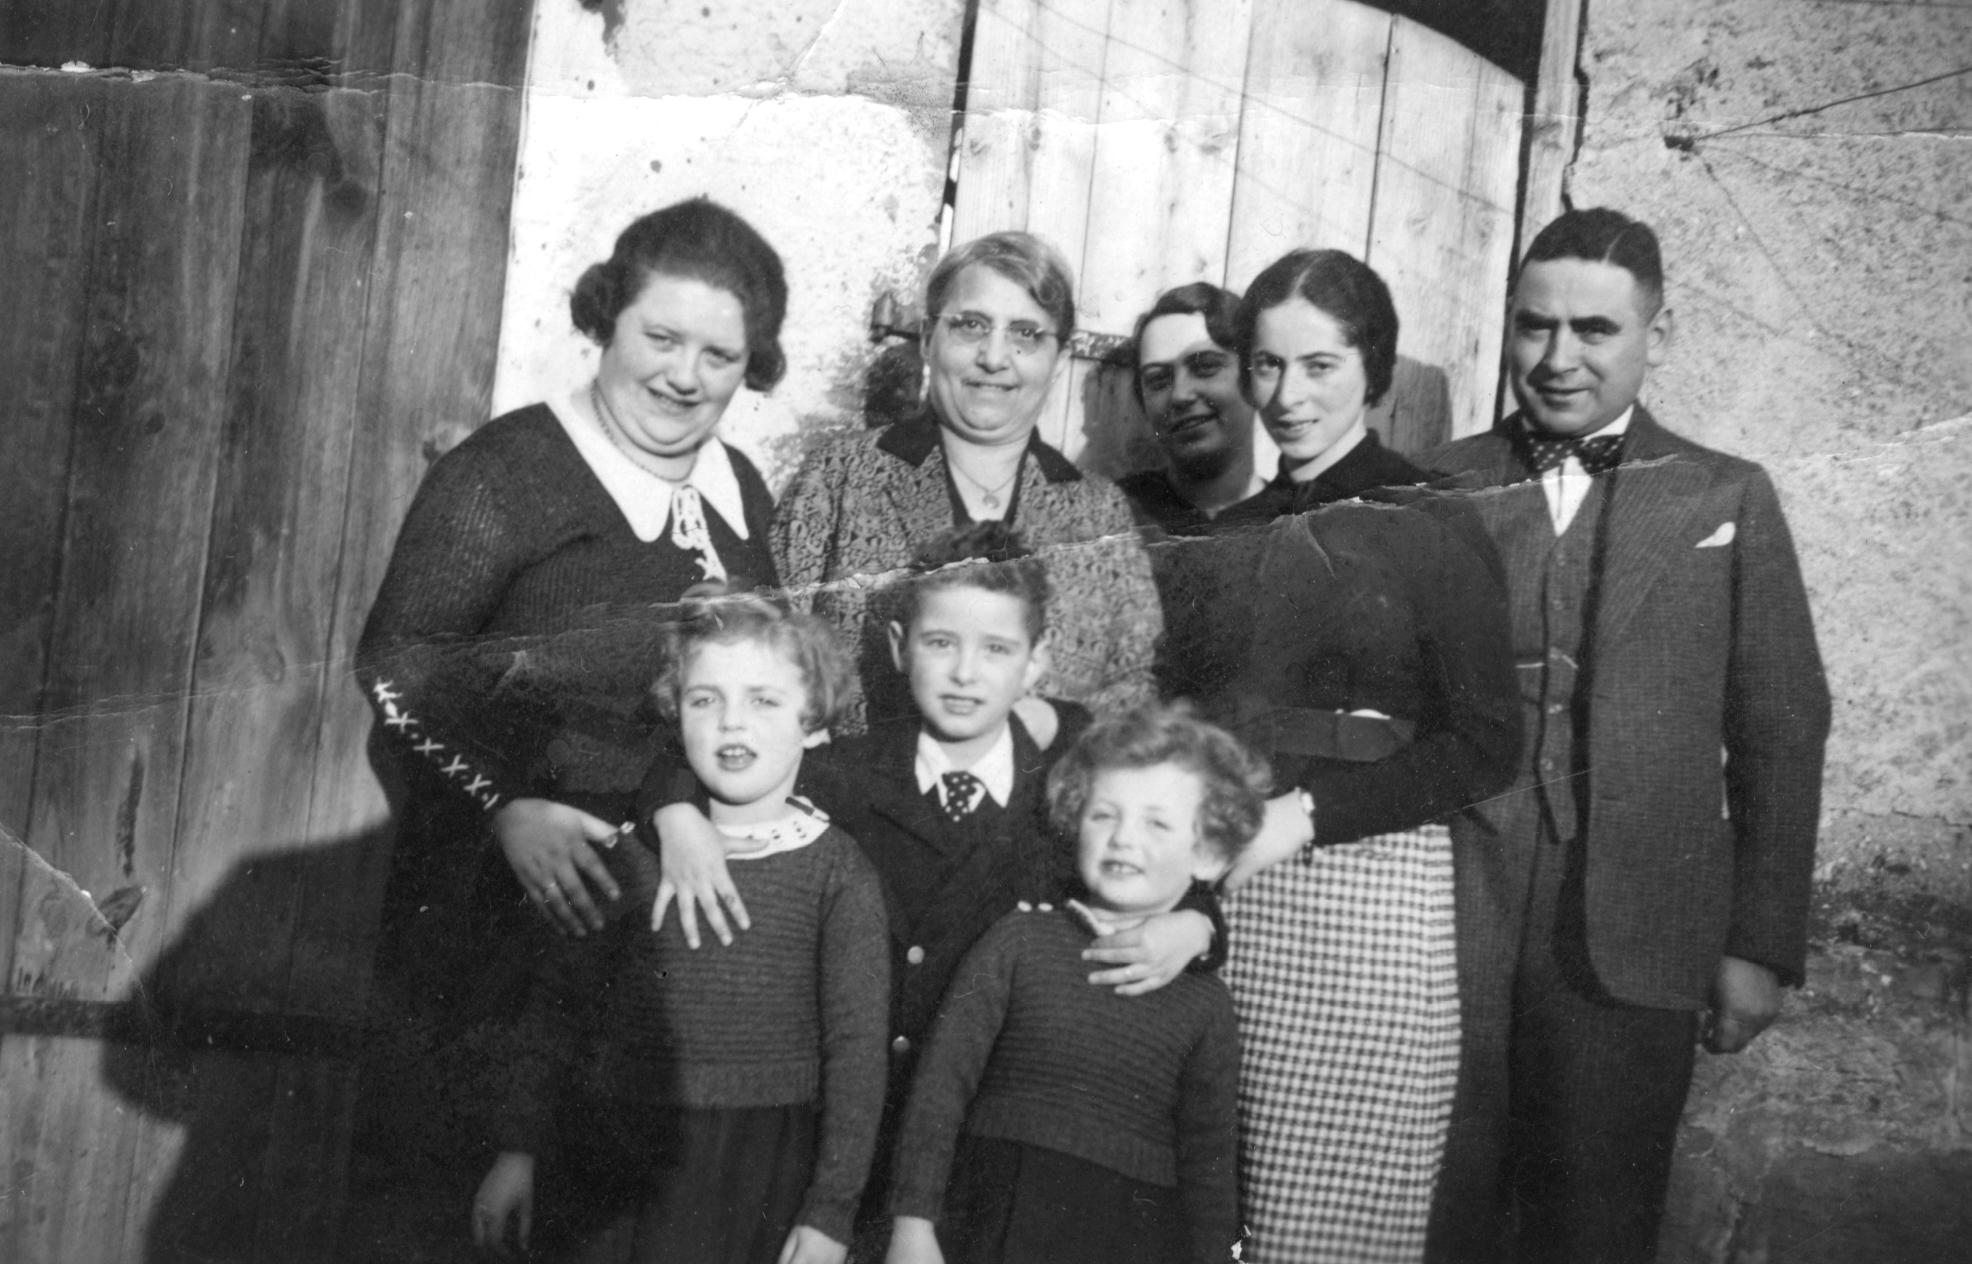 Besuch in Freudental: Ludwig Stein (rechts) mit Schwester Betti, Ehefrau Tilly, Schwiegermutter Caroline Aaron und Schwägerin Lilli. Vorn Sohn Gert mit seinen Cousinen Hanna und Beate.